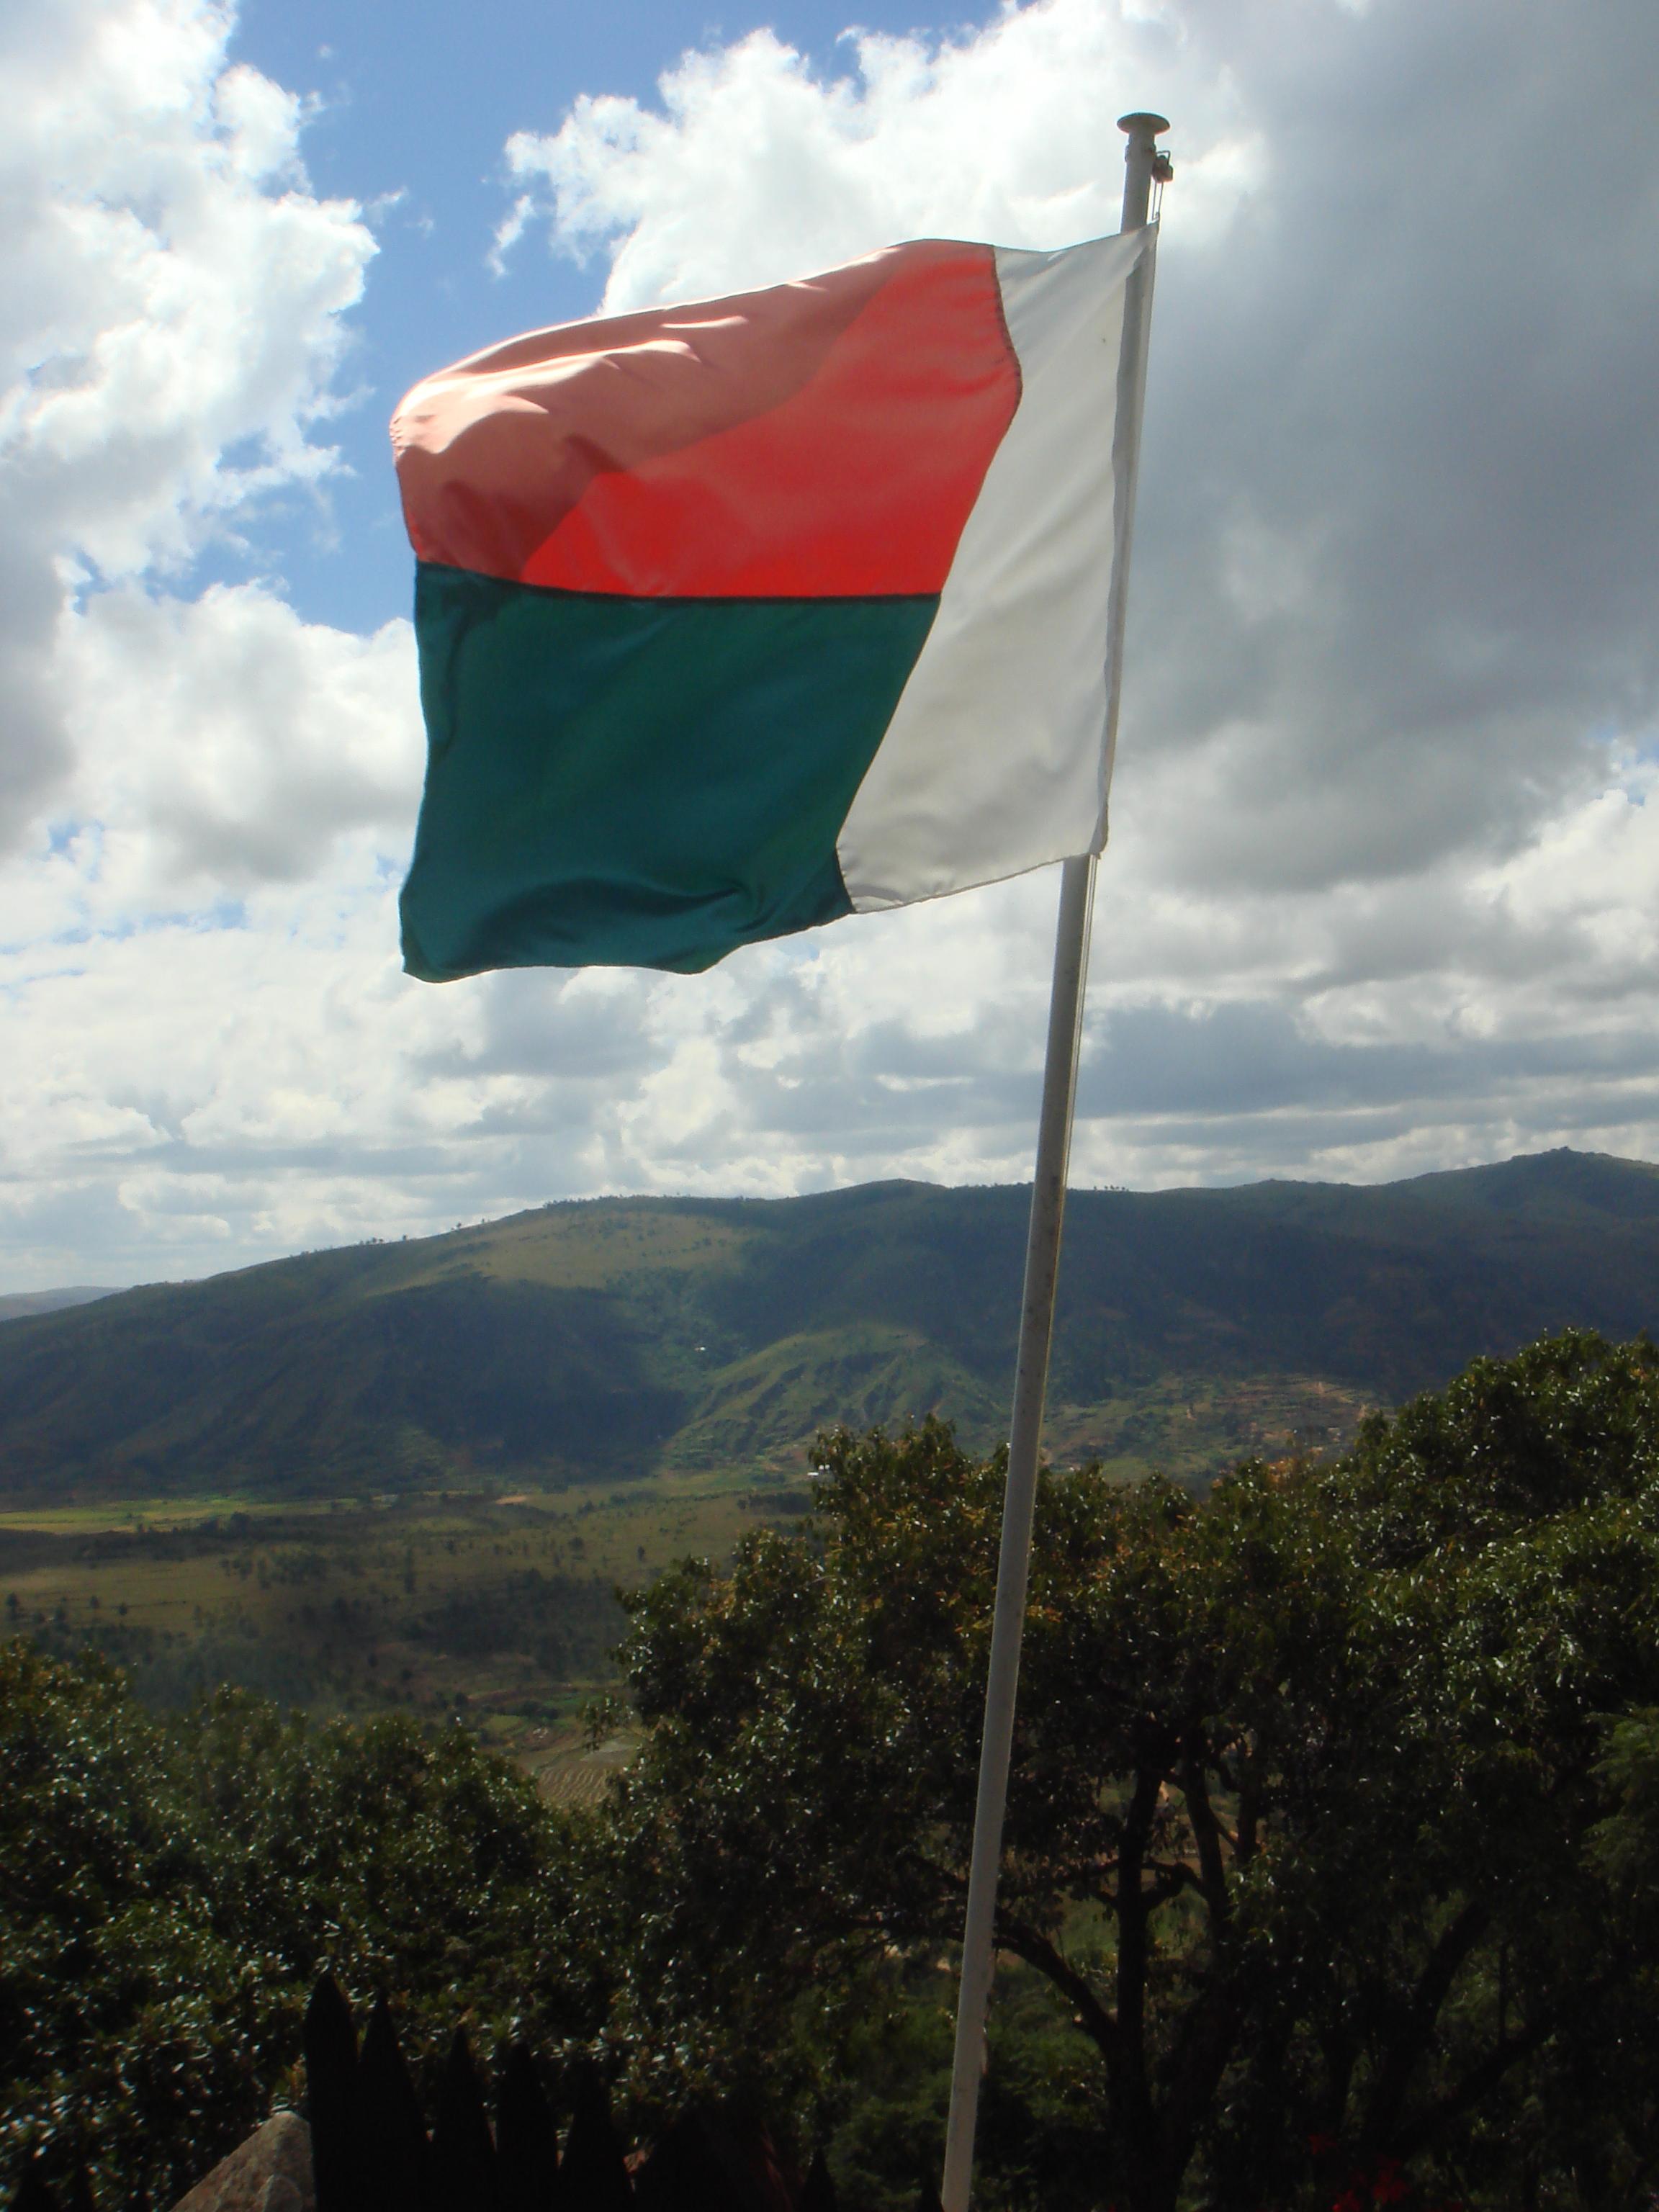 FileFlag Of Madagascarjpg Wikimedia Commons - Madagascar flag